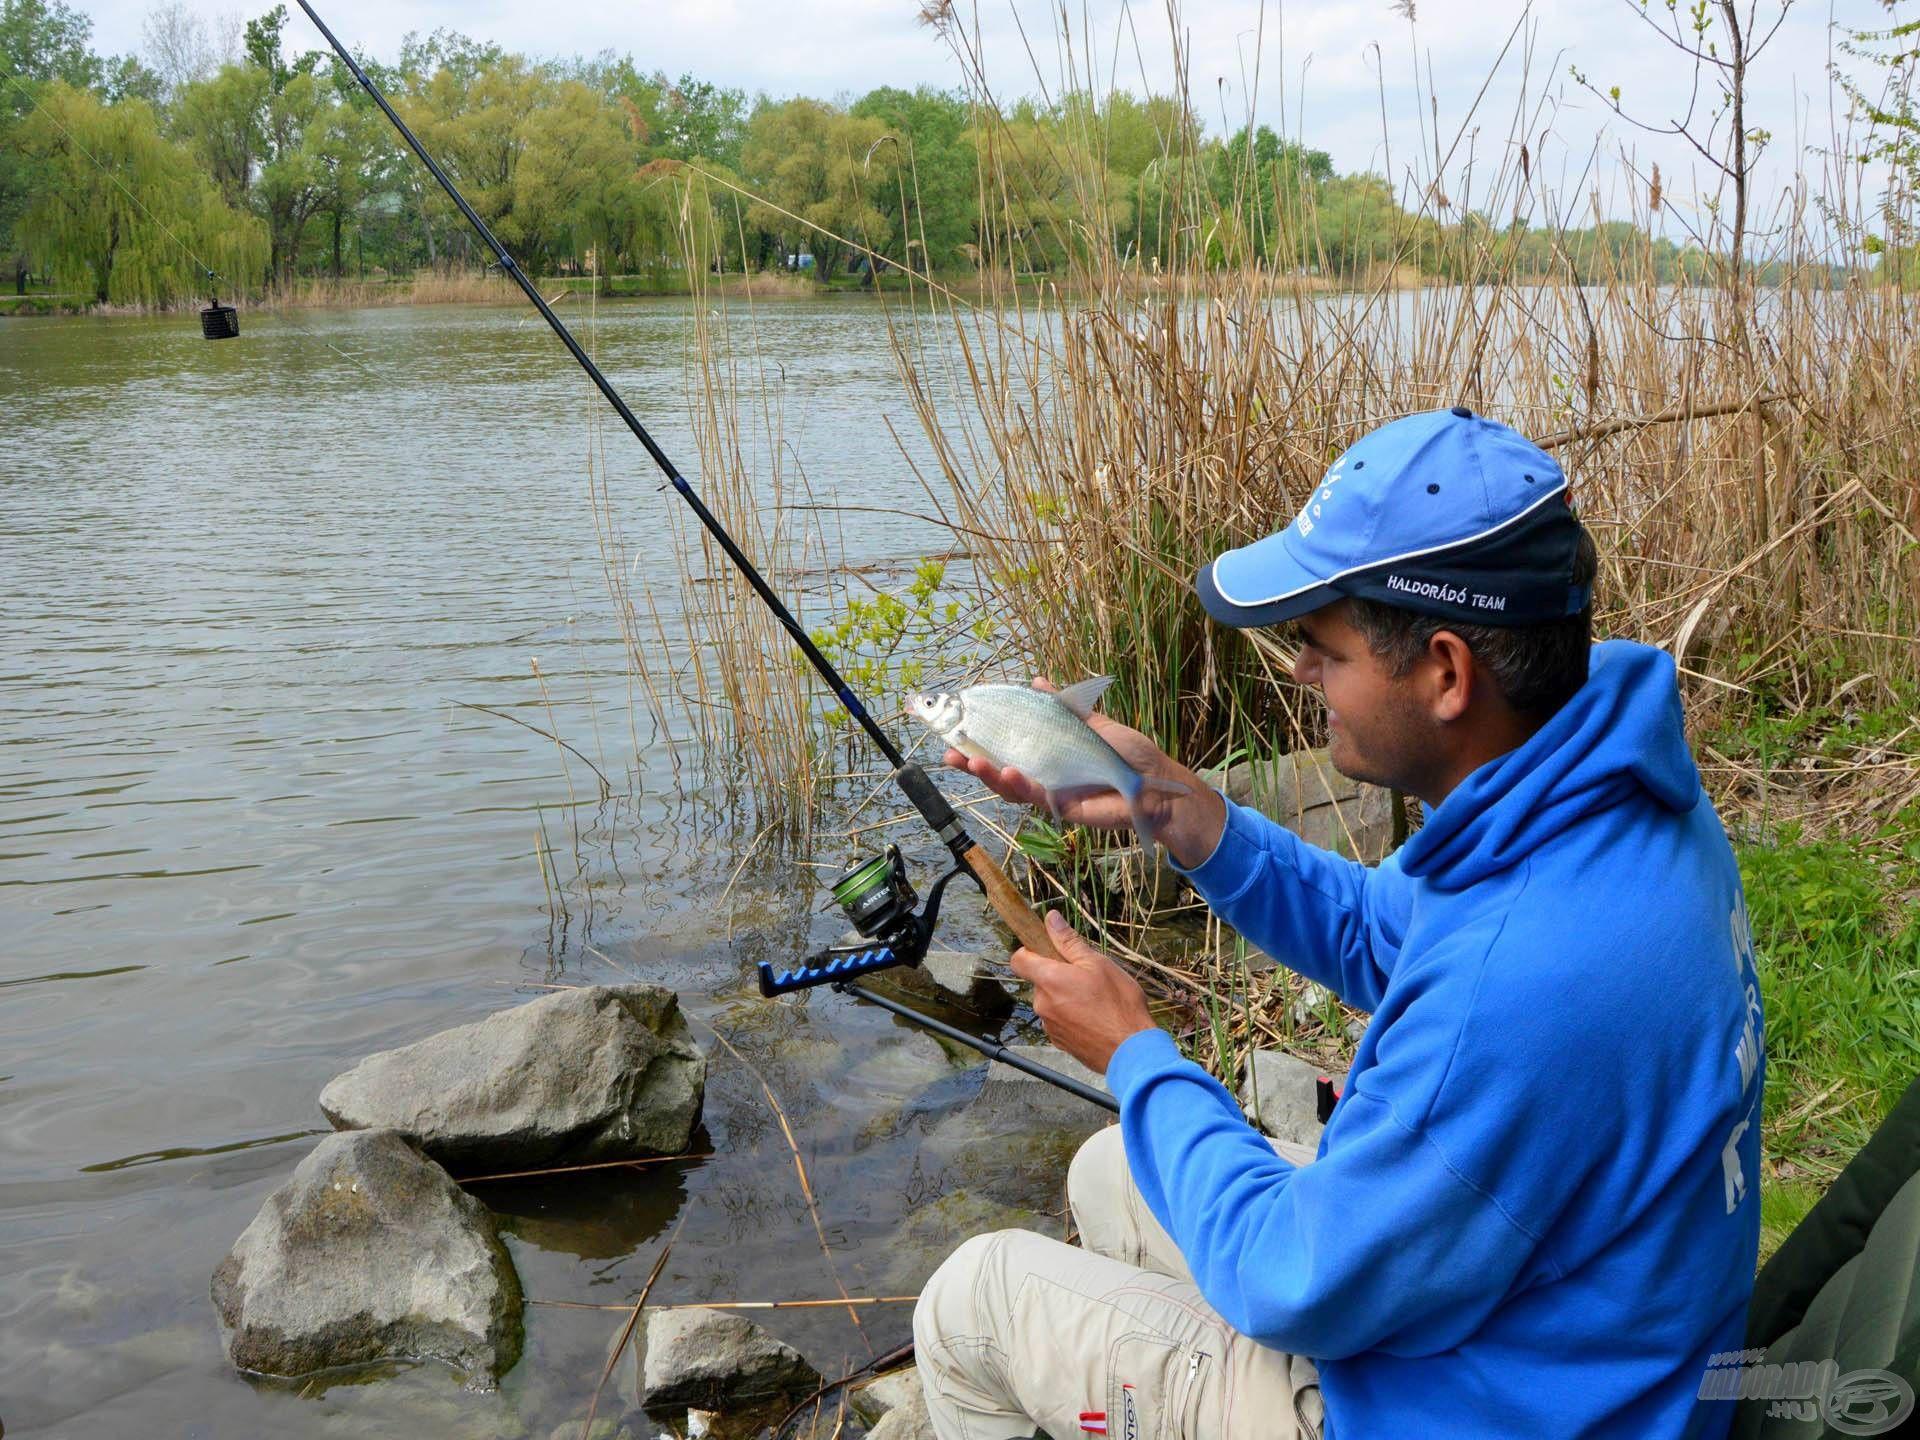 Az ilyen méretű halakból nagyon sokat lehet fogni, rendkívül szórakoztató és eseménydús a rájuk történő horgászat